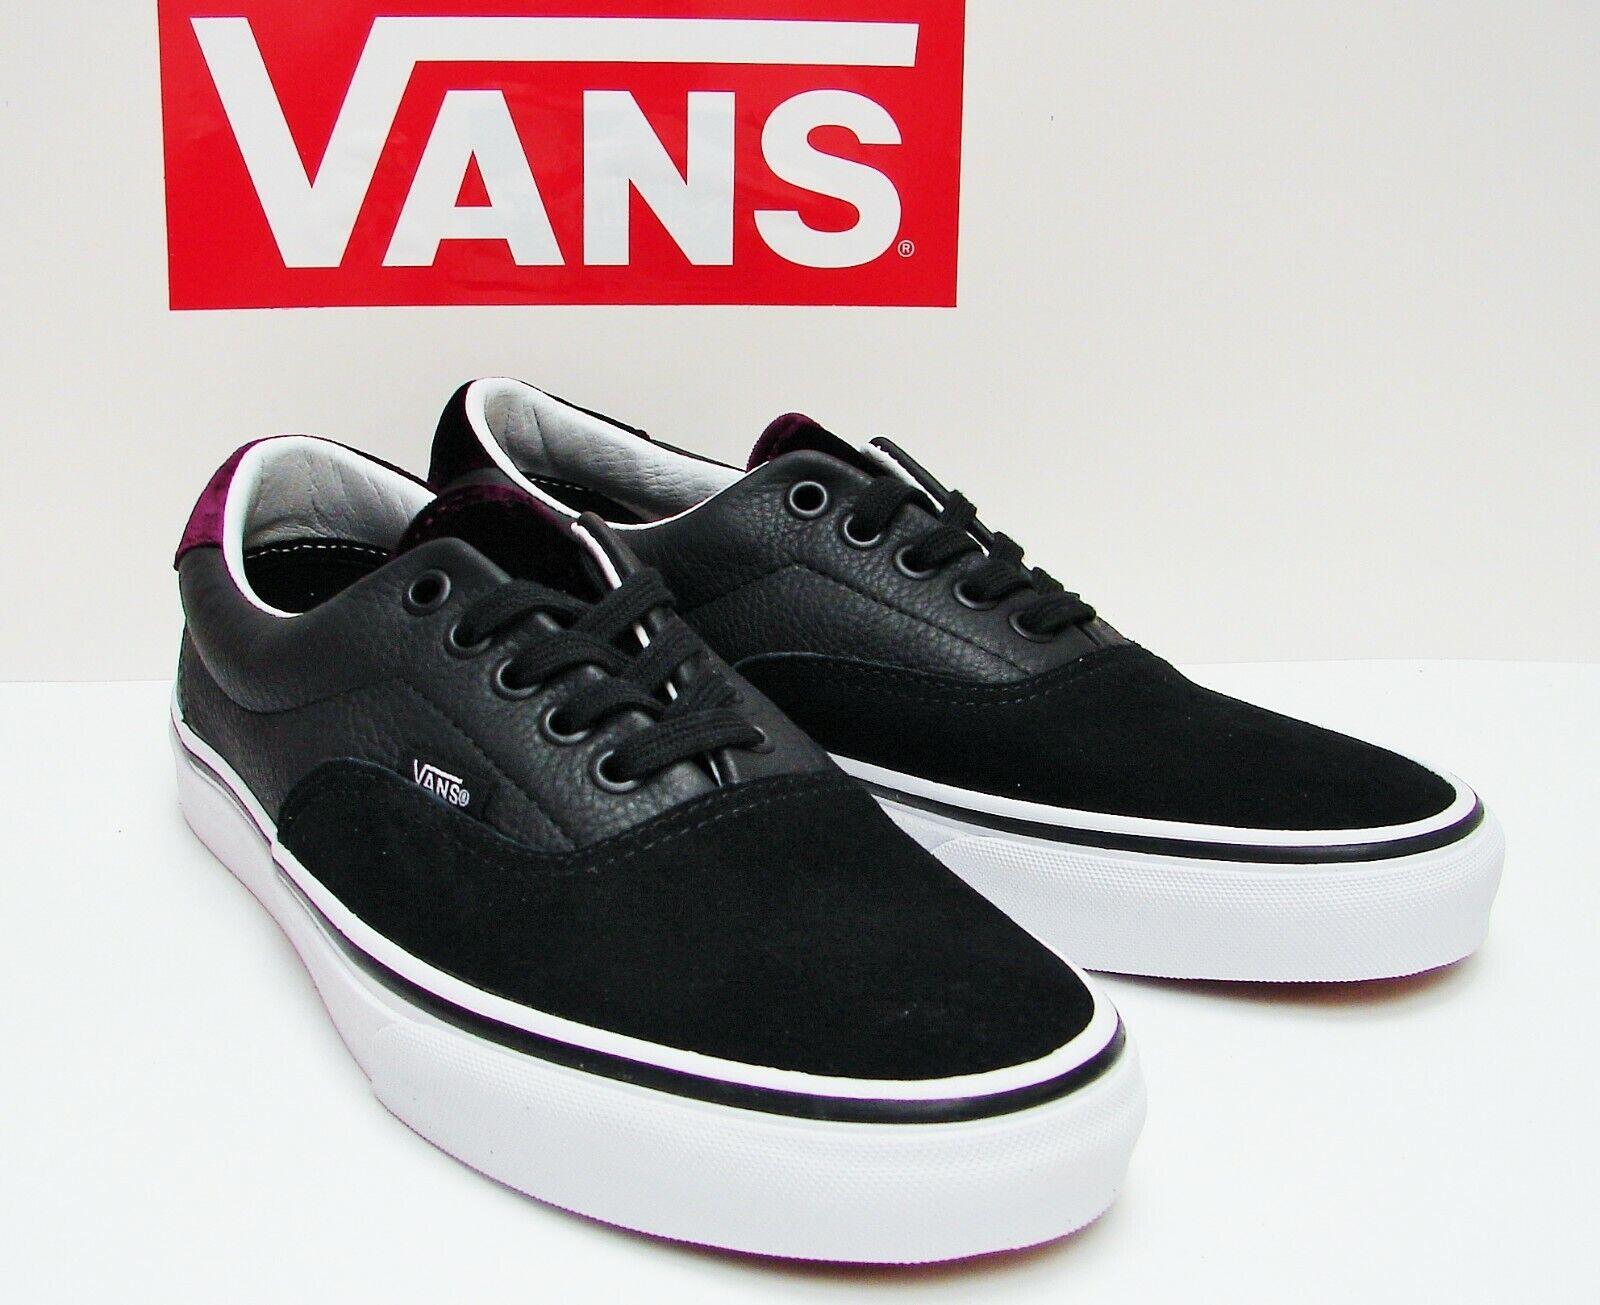 VANS Era 59 (Velvet) Black  Red VN-0A38FSQV2 Men's size  11